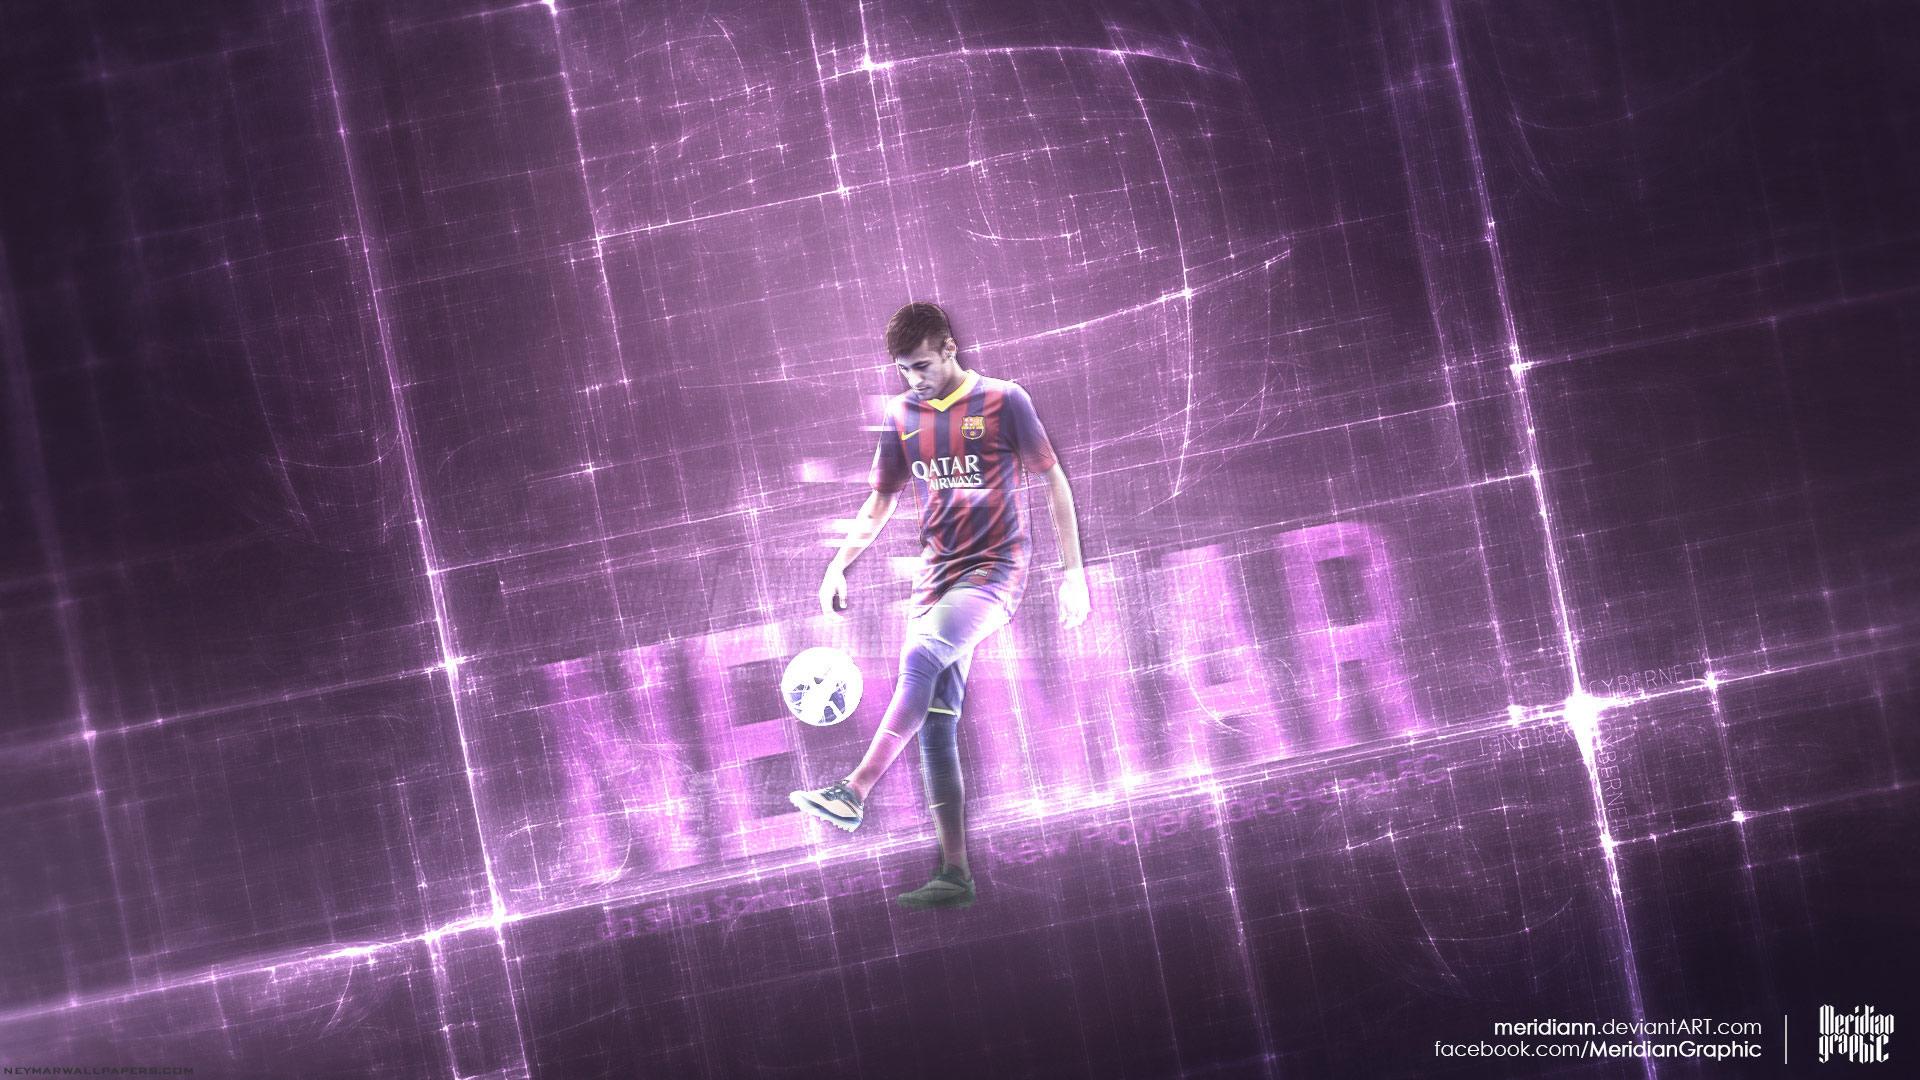 Neymar Barcelona wallpaper by Meridiann